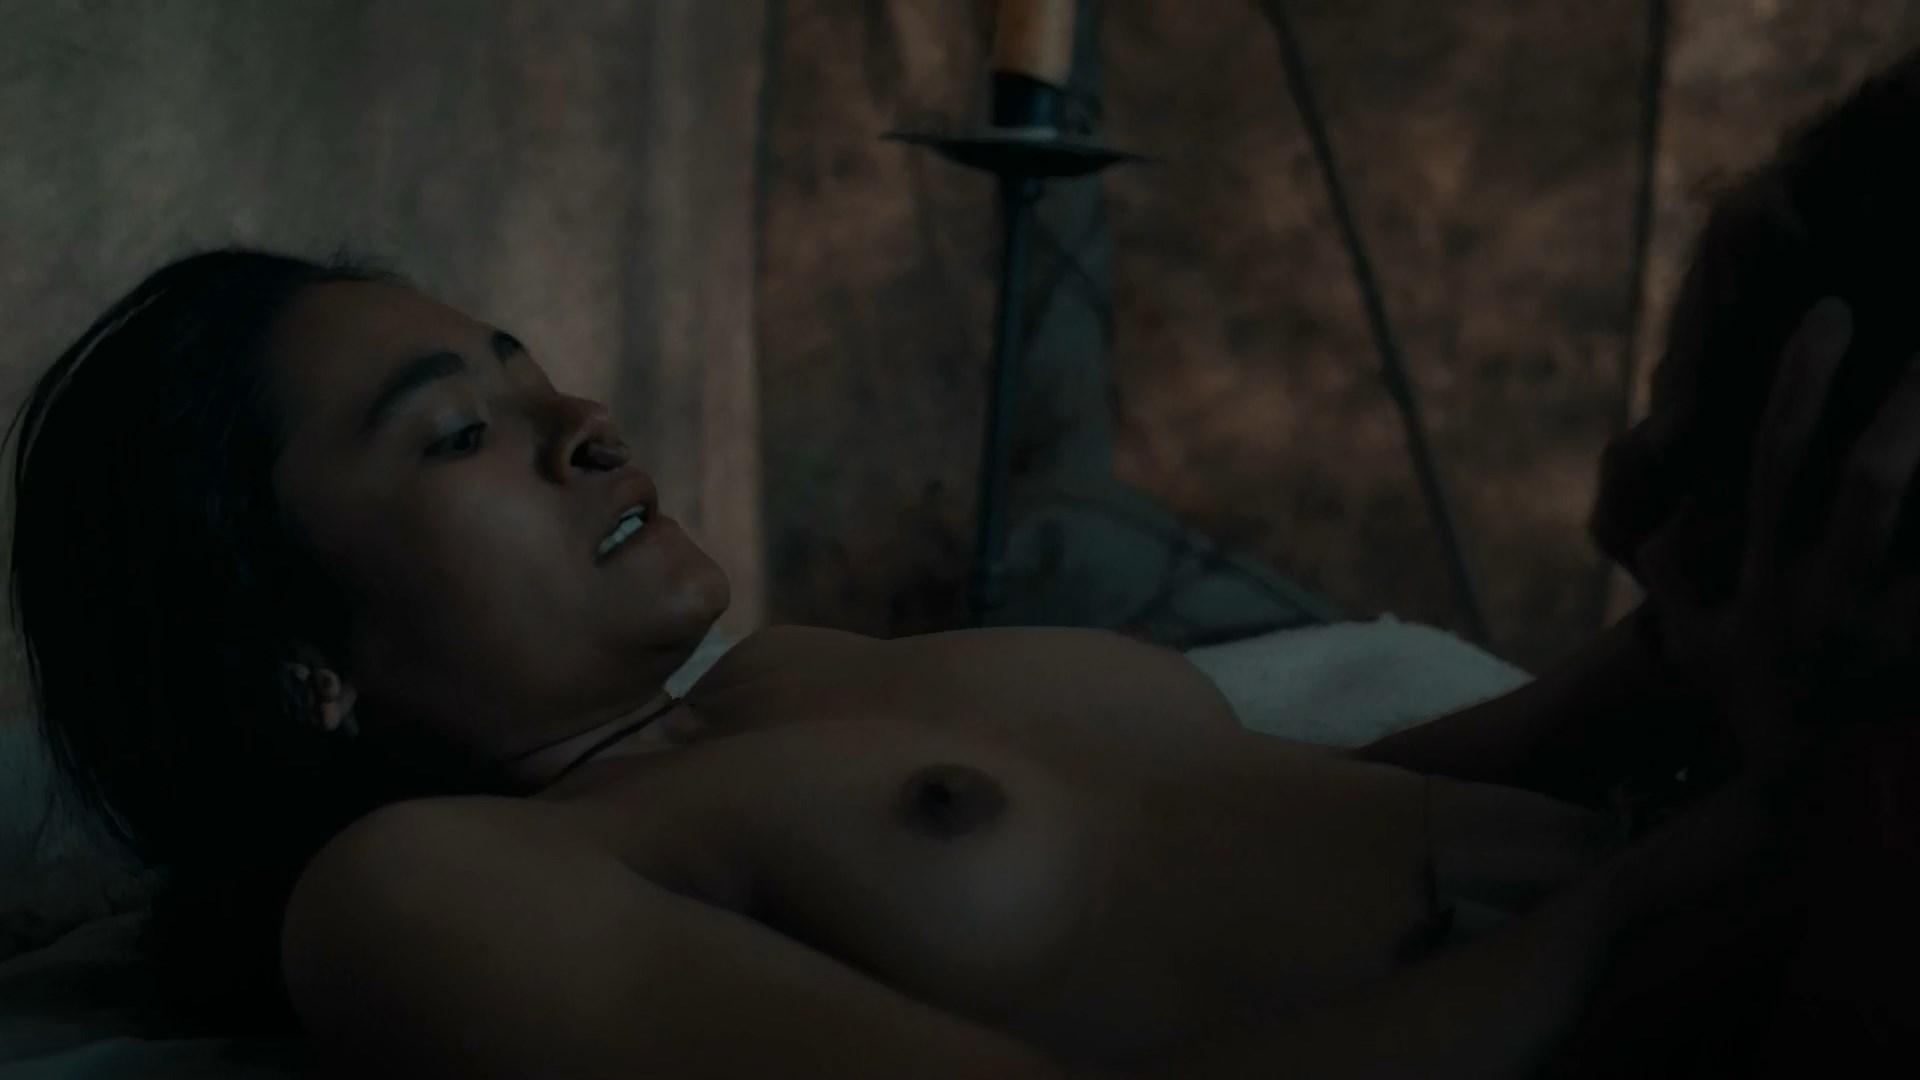 Aura Garrido Nude hernan nude scenes » celebs nude video - nudecelebvideo